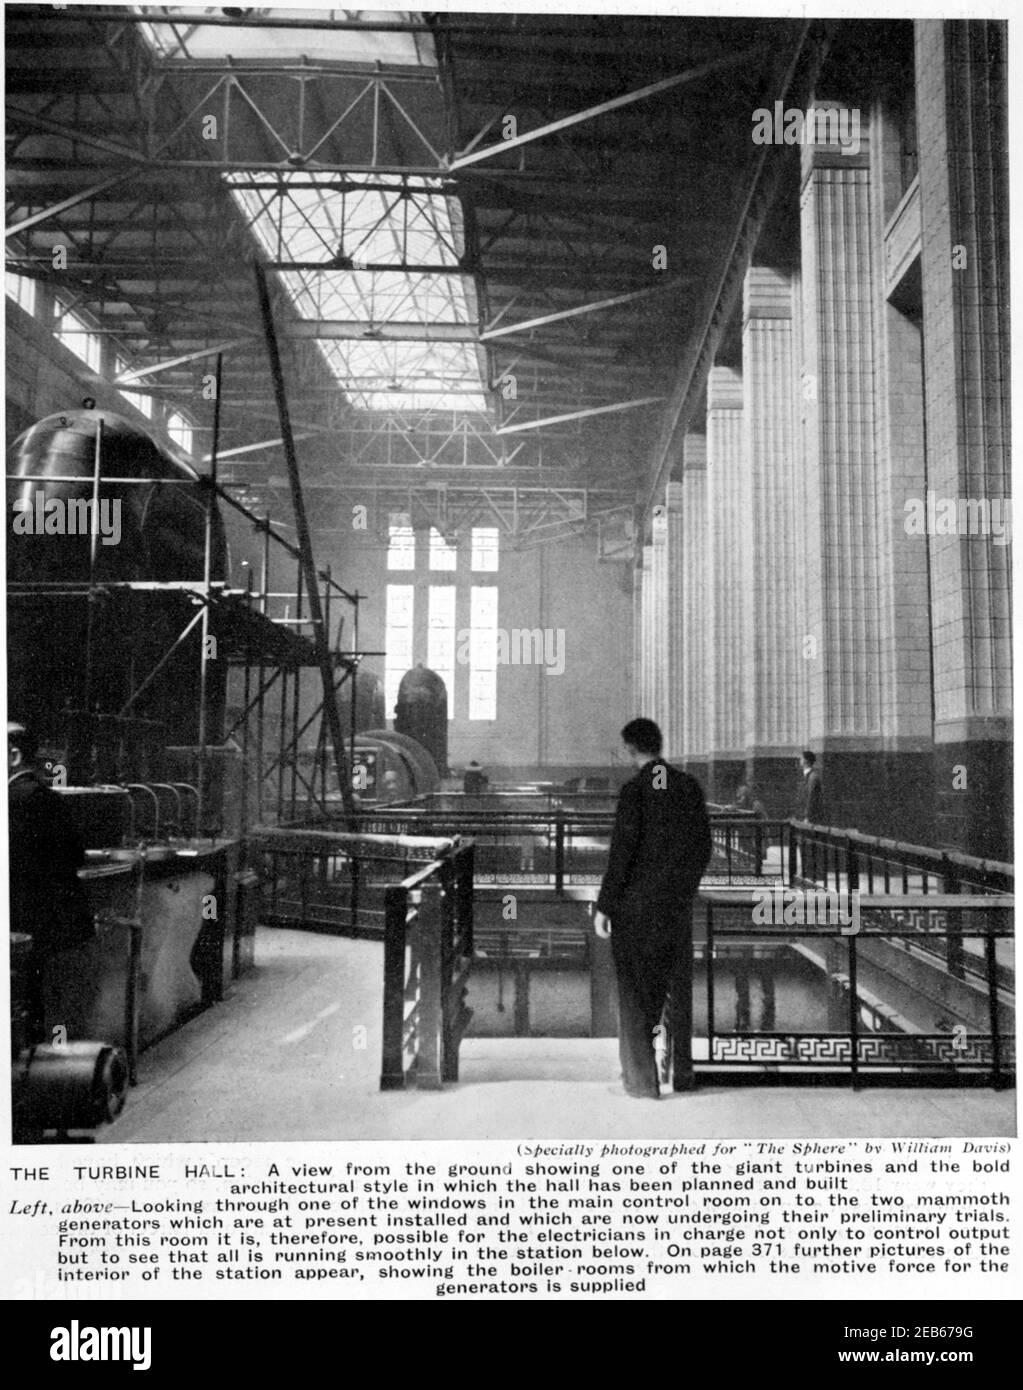 Battersea Power Station - la turbine Hall, vue du sol montrant les turbines géantes - 1933 Banque D'Images